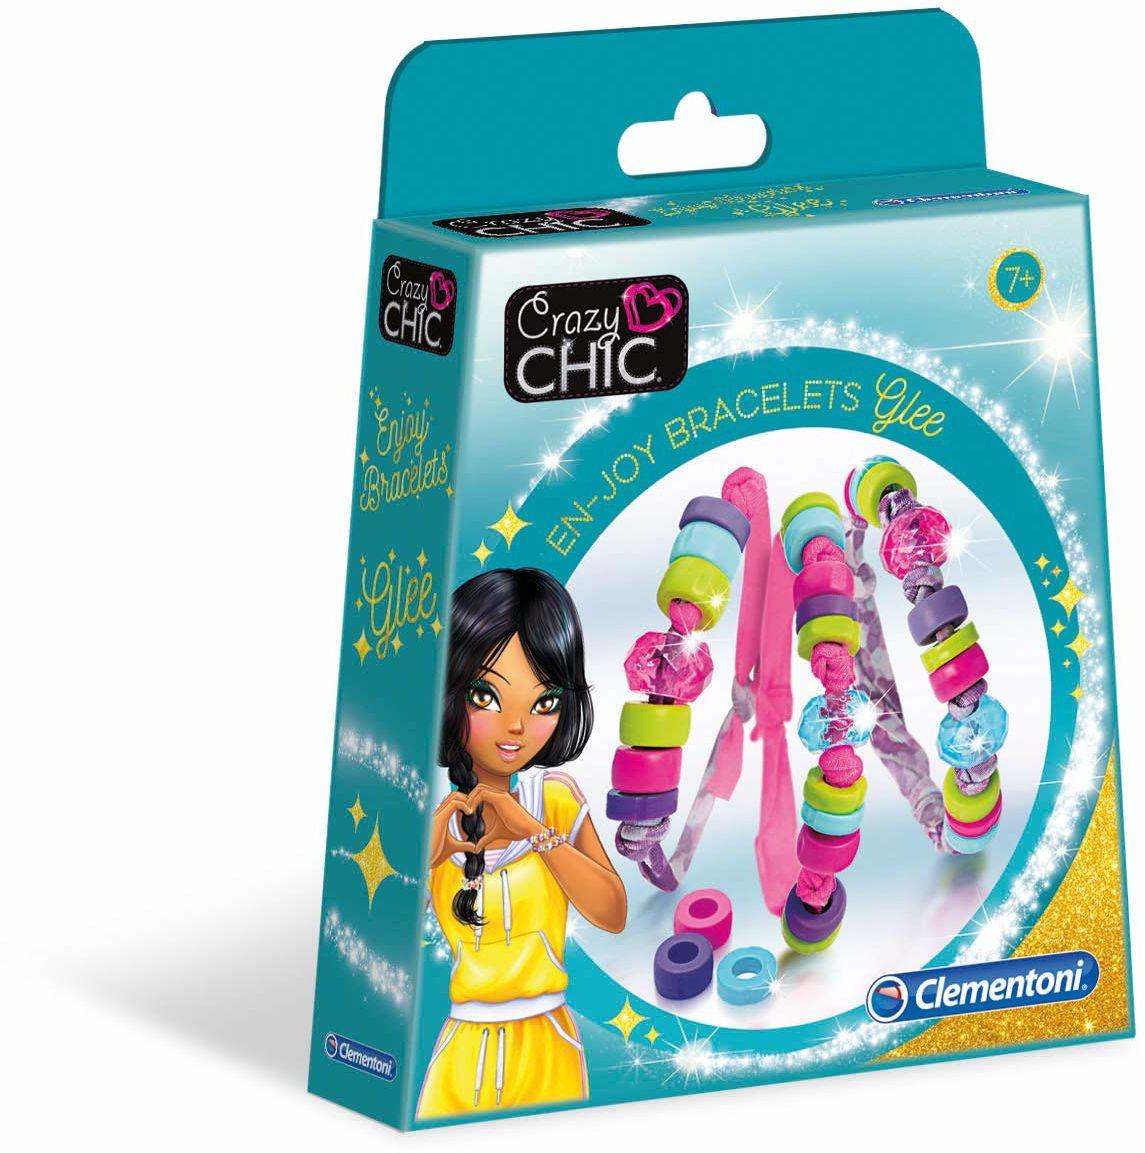 Clementoni 18534 Clementoni-18534-Crazy Chic-Bransoletki Glee dla dzieci od 7 lat i starszych biżuteria dla dziewczynki, angielski, wielokolorowe